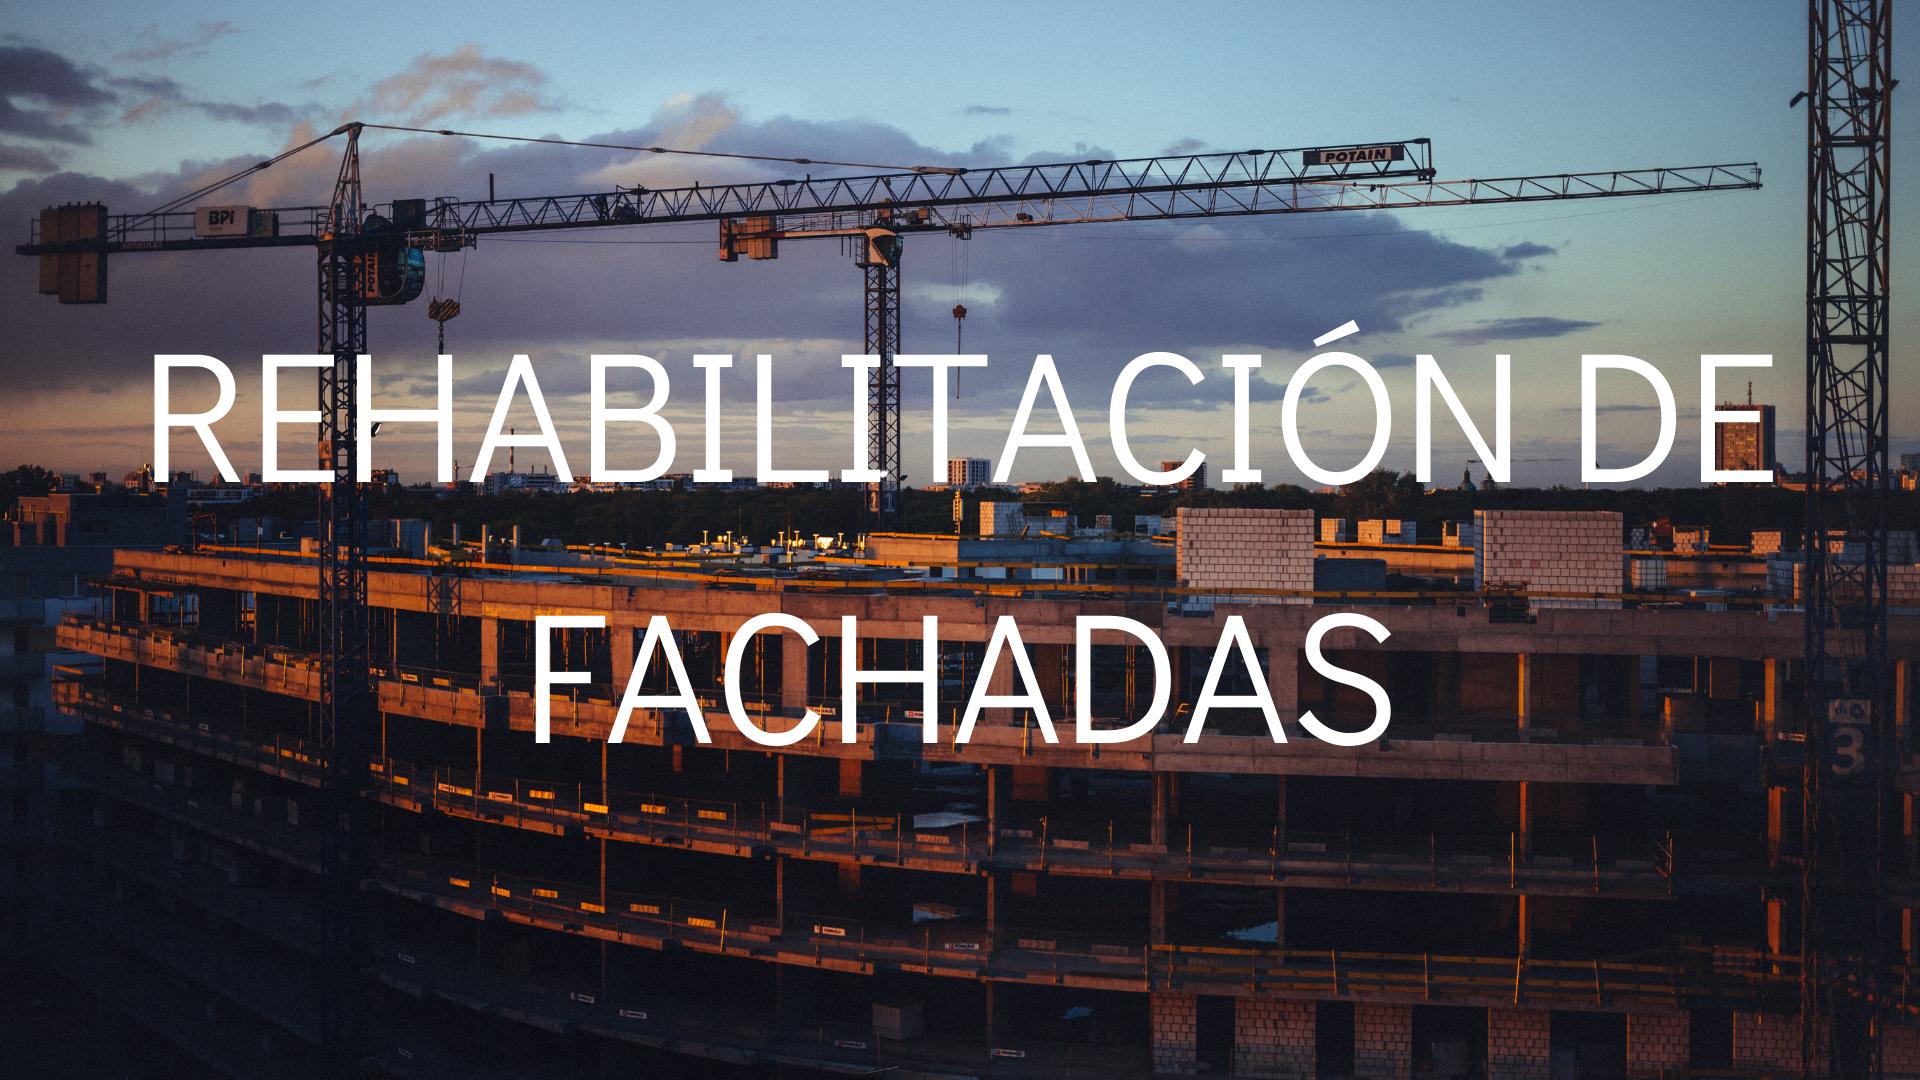 Rehabilitación fachadas Cádiz